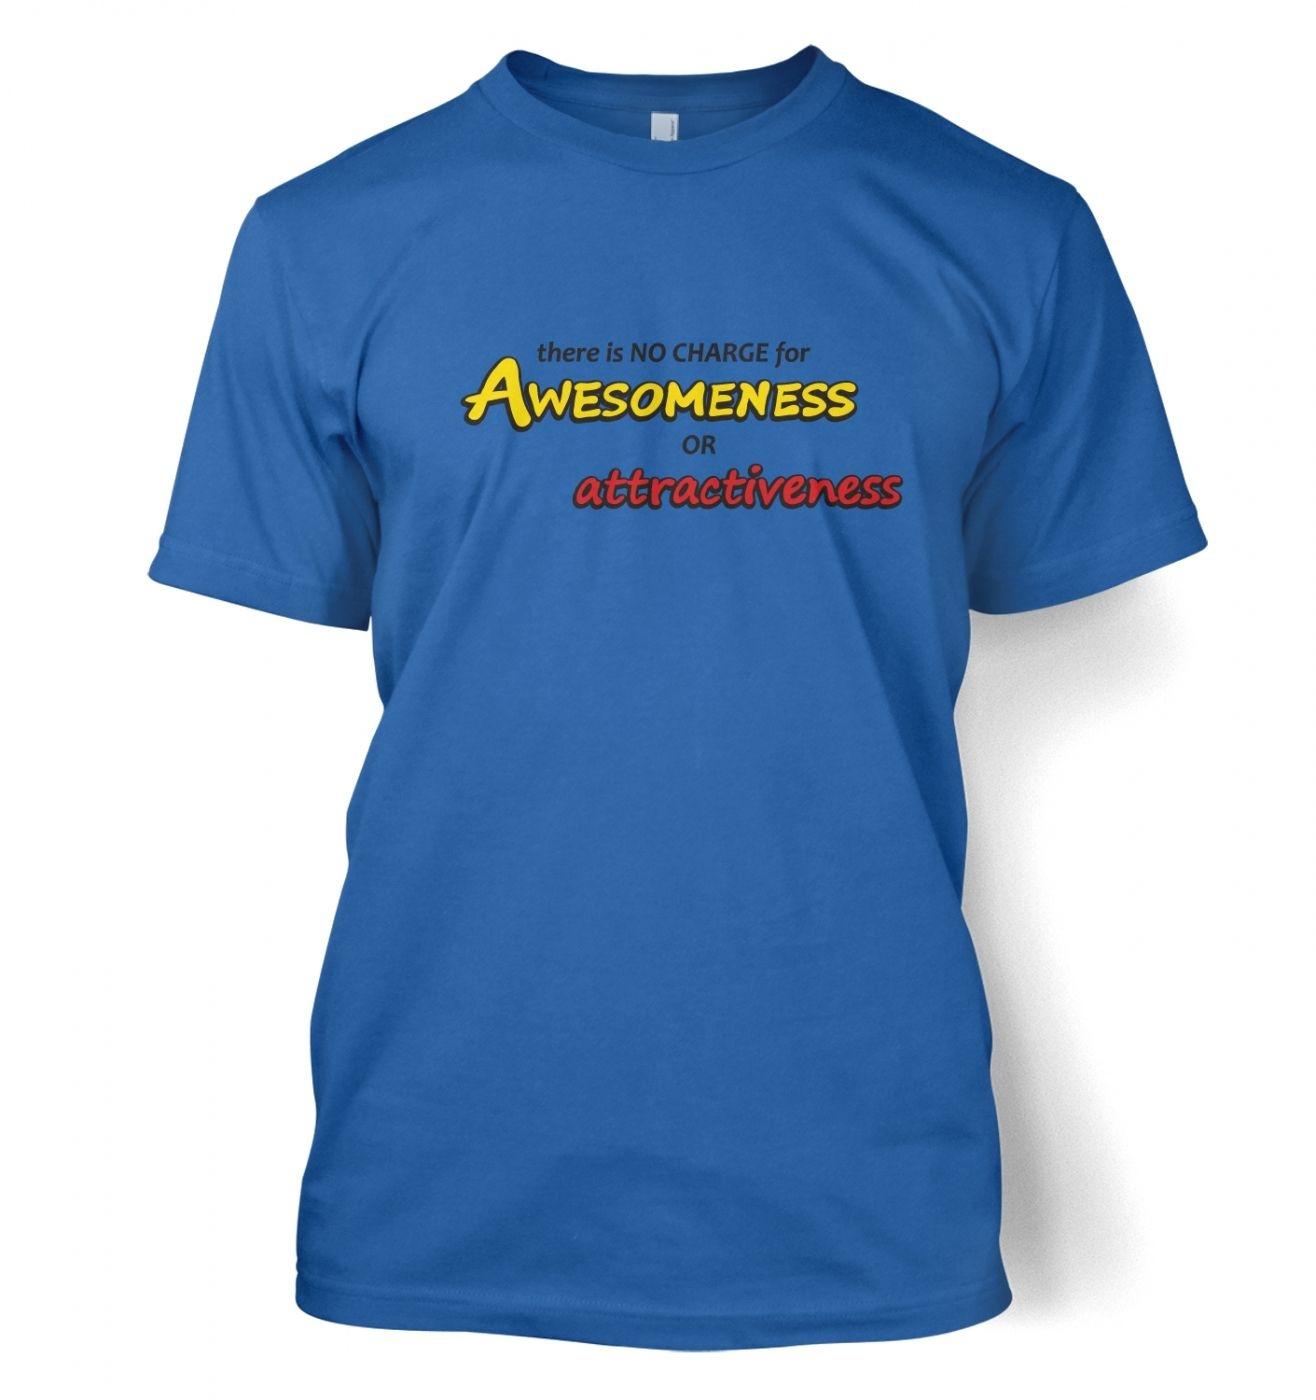 Awesomeness t-shirt - Inspired by Kung Fu Panda